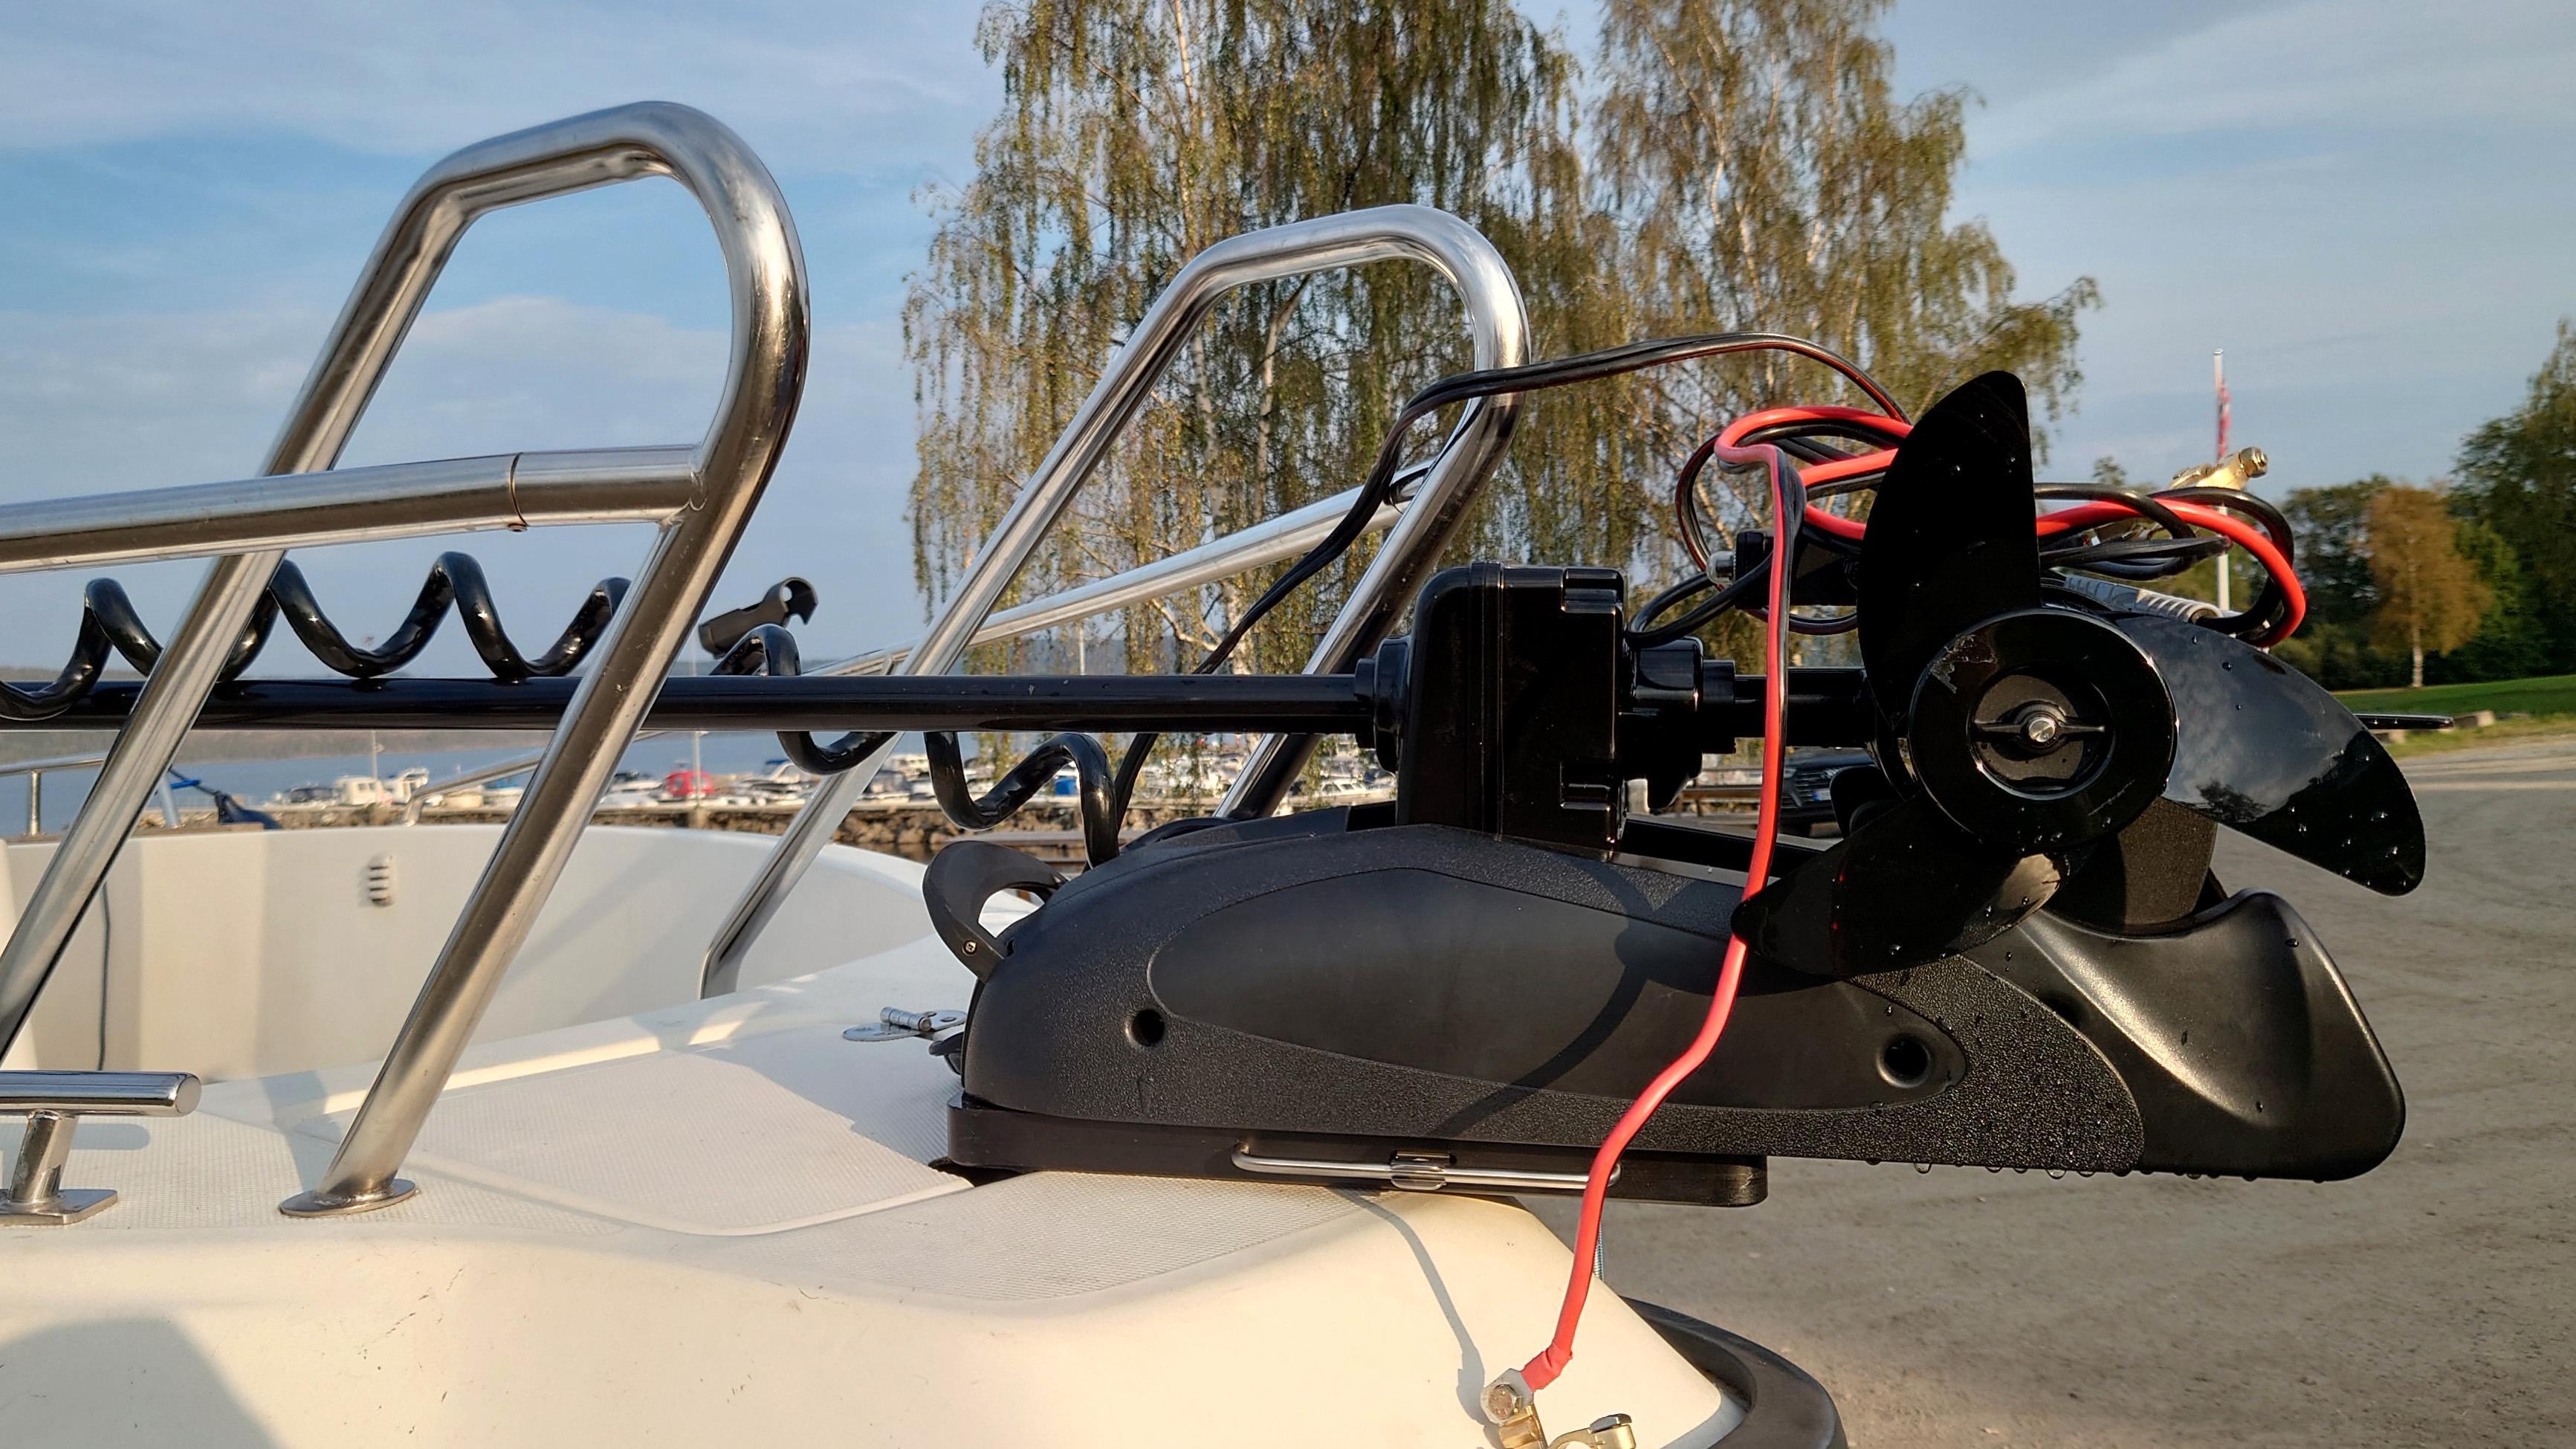 Motoren festes på en festeplate som må skrus fast i båten. Når det er gjort er det en enkel sak å låse den med en dobbel festepinne. Hvis du legger motoren igjen på land er det kun en liten svart festeplate som sitter fast i skuta.